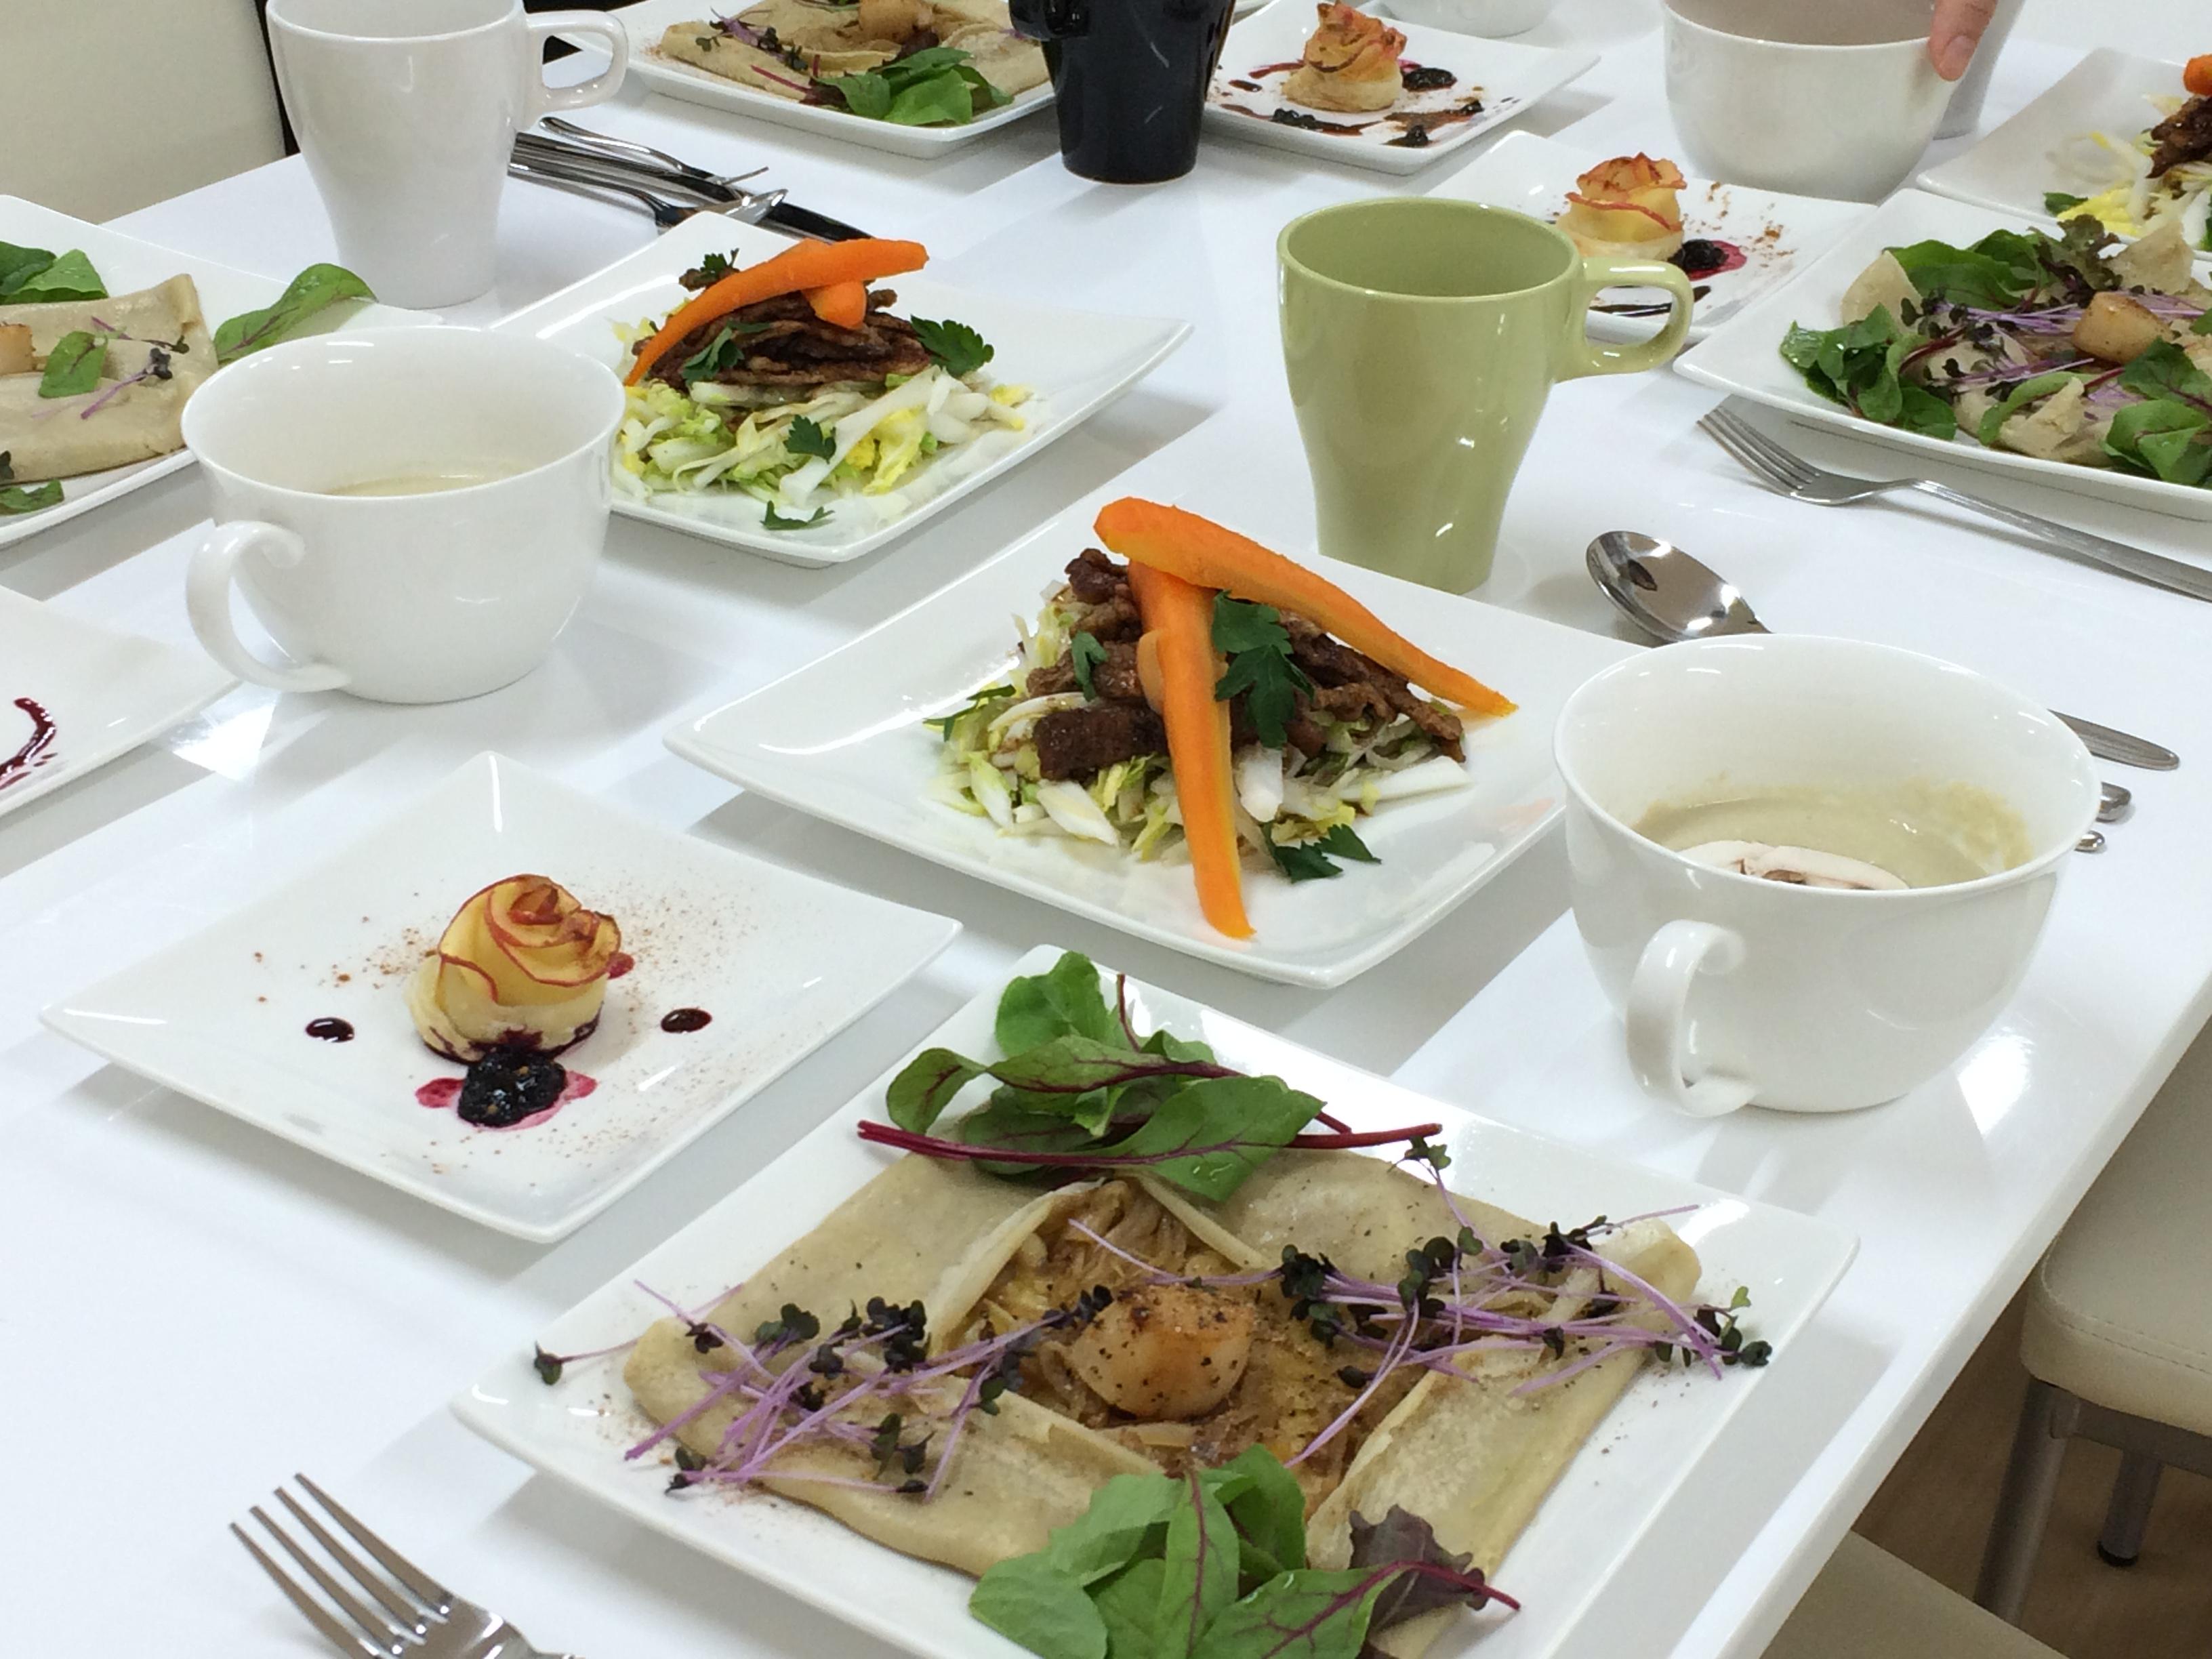 ハーブ・野菜・果物を楽しむ講座 2016年3月